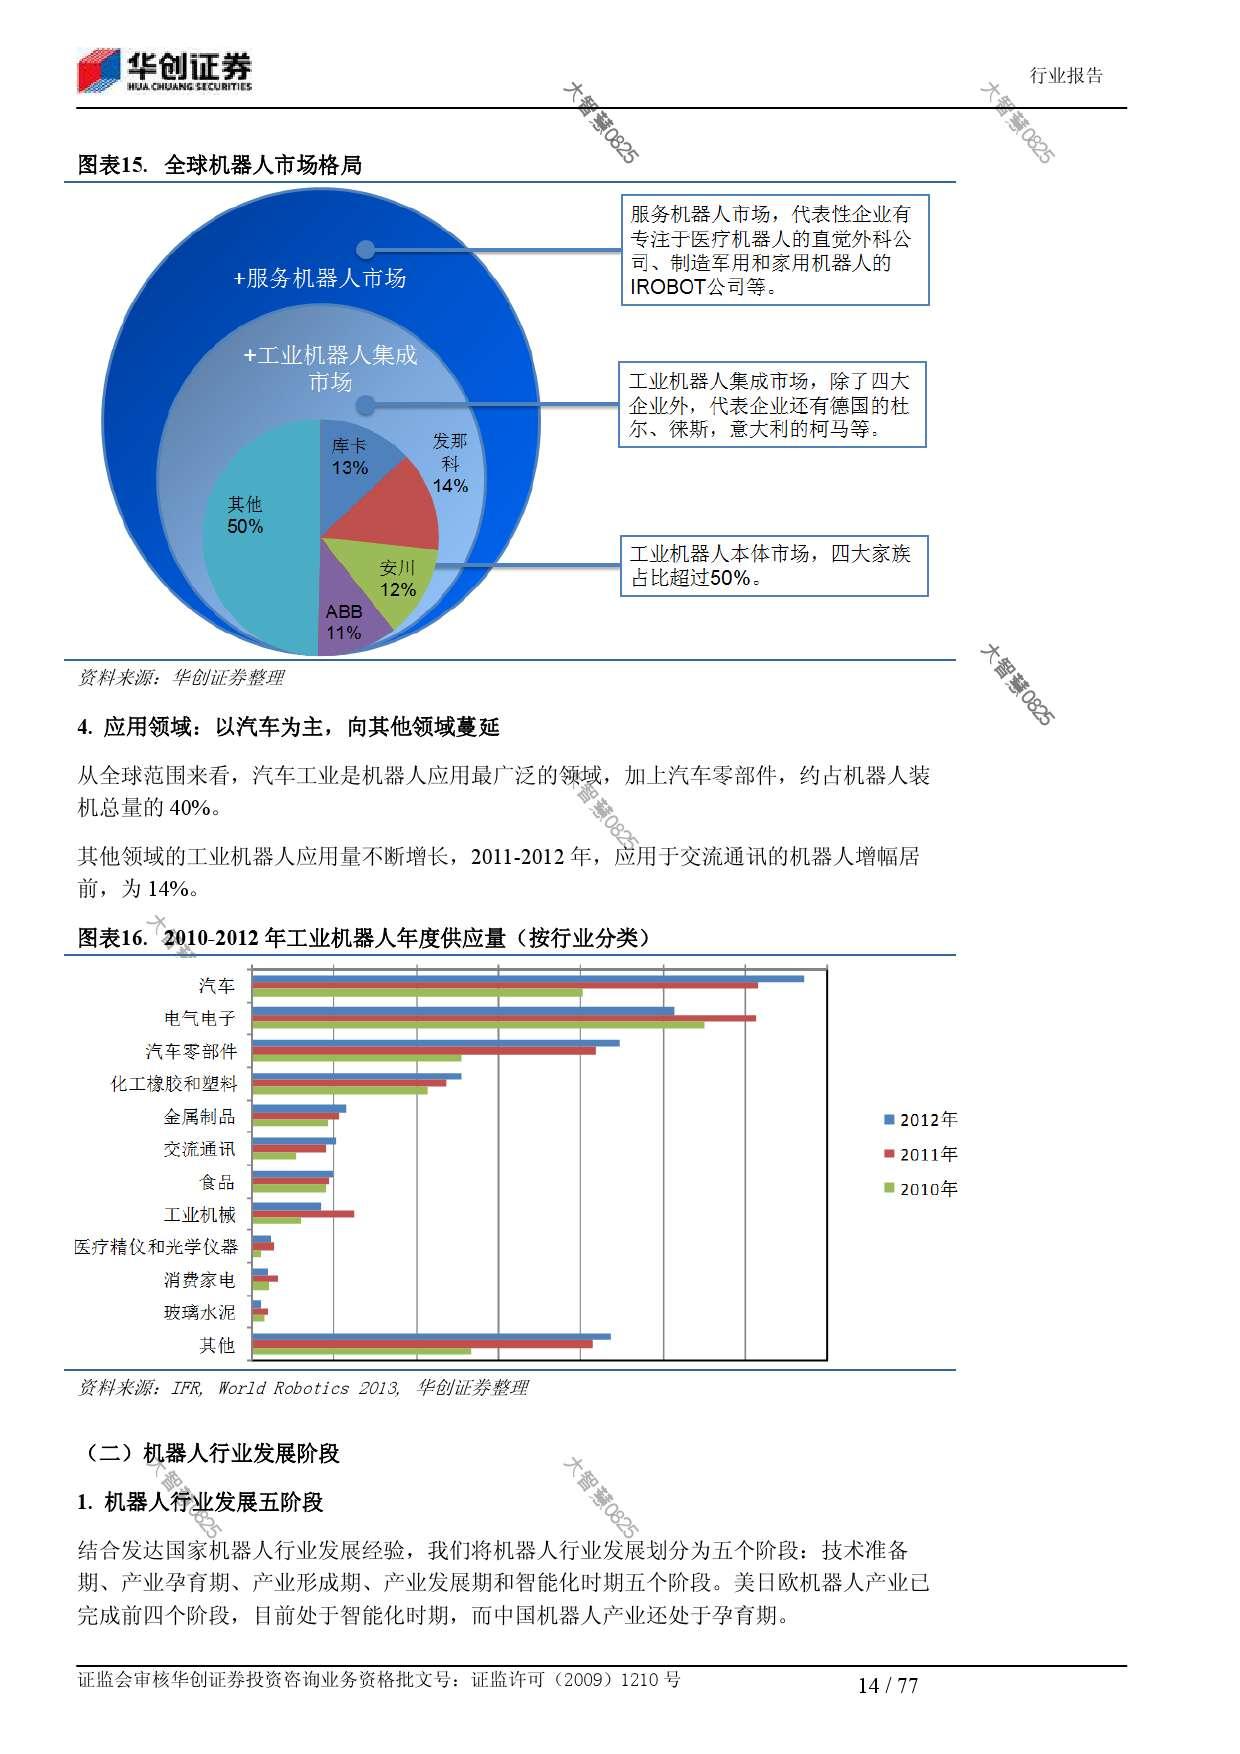 行业研究_华创证券_刘国清,鲁佩_机械设备:机器人大趋势_2014021_000014